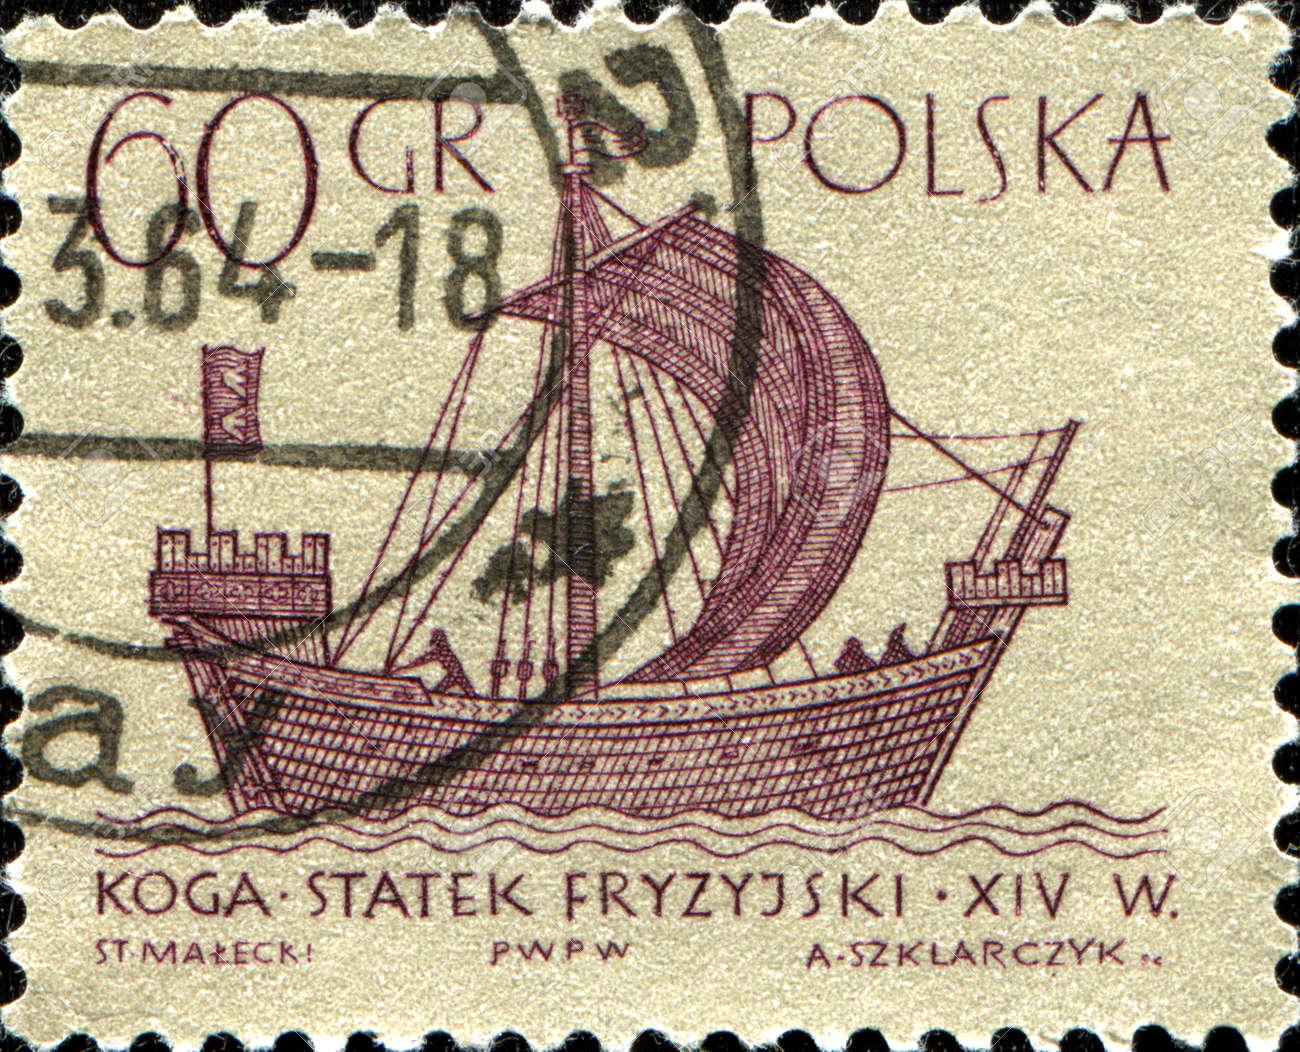 POLAND - CIRCA 1963  A stamp printed in POLAND shows koga merchant ship, series, circa 1963 Stock Photo - 14332804